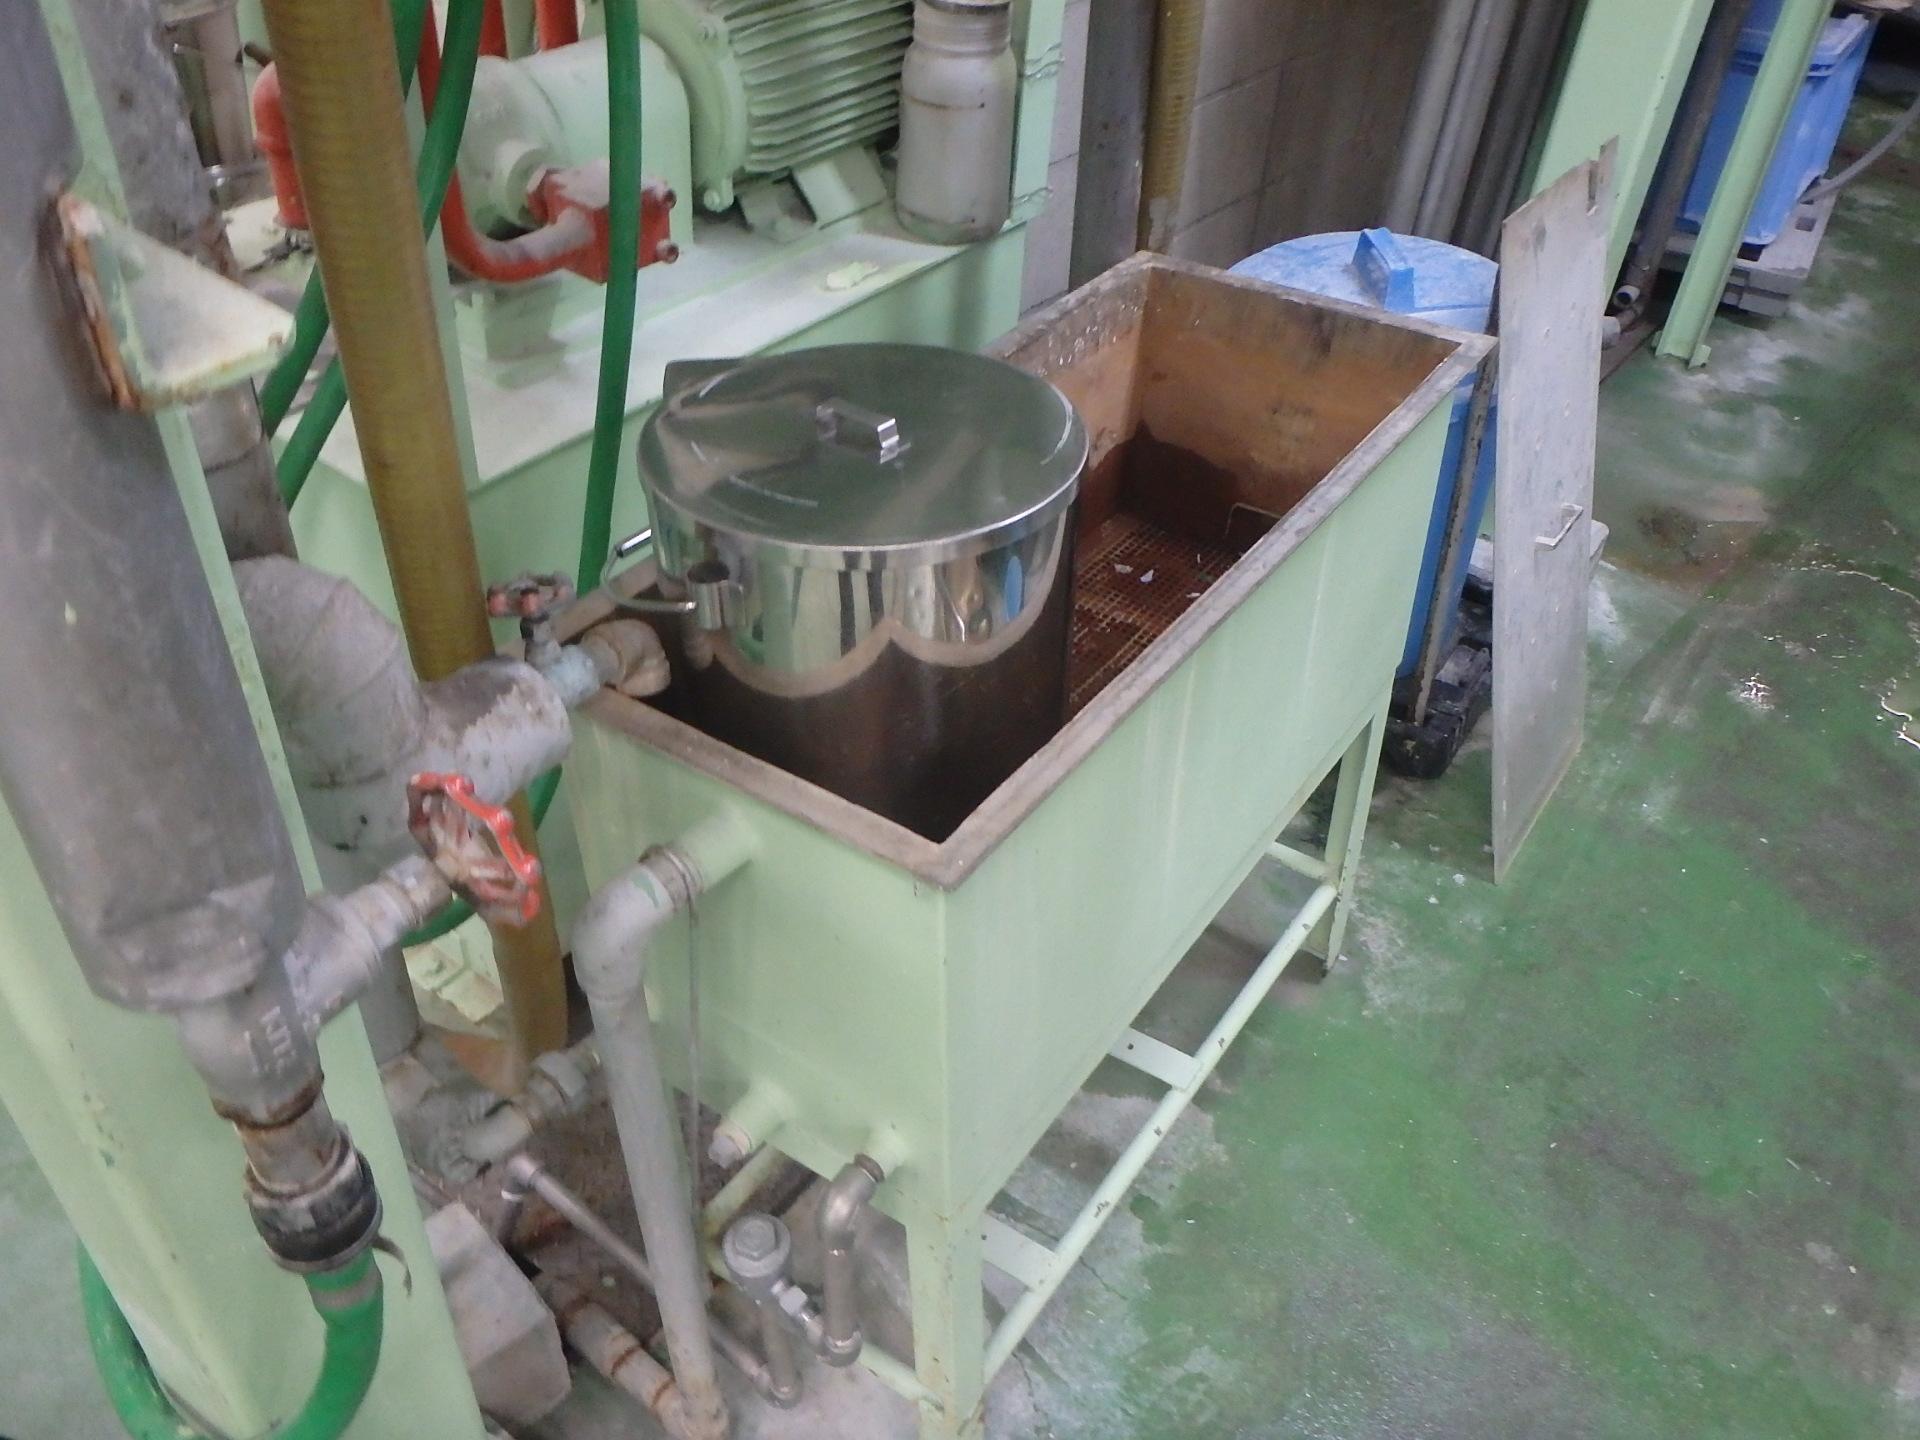 間接加熱式湯煎槽(小)-実例[6] 005-photo